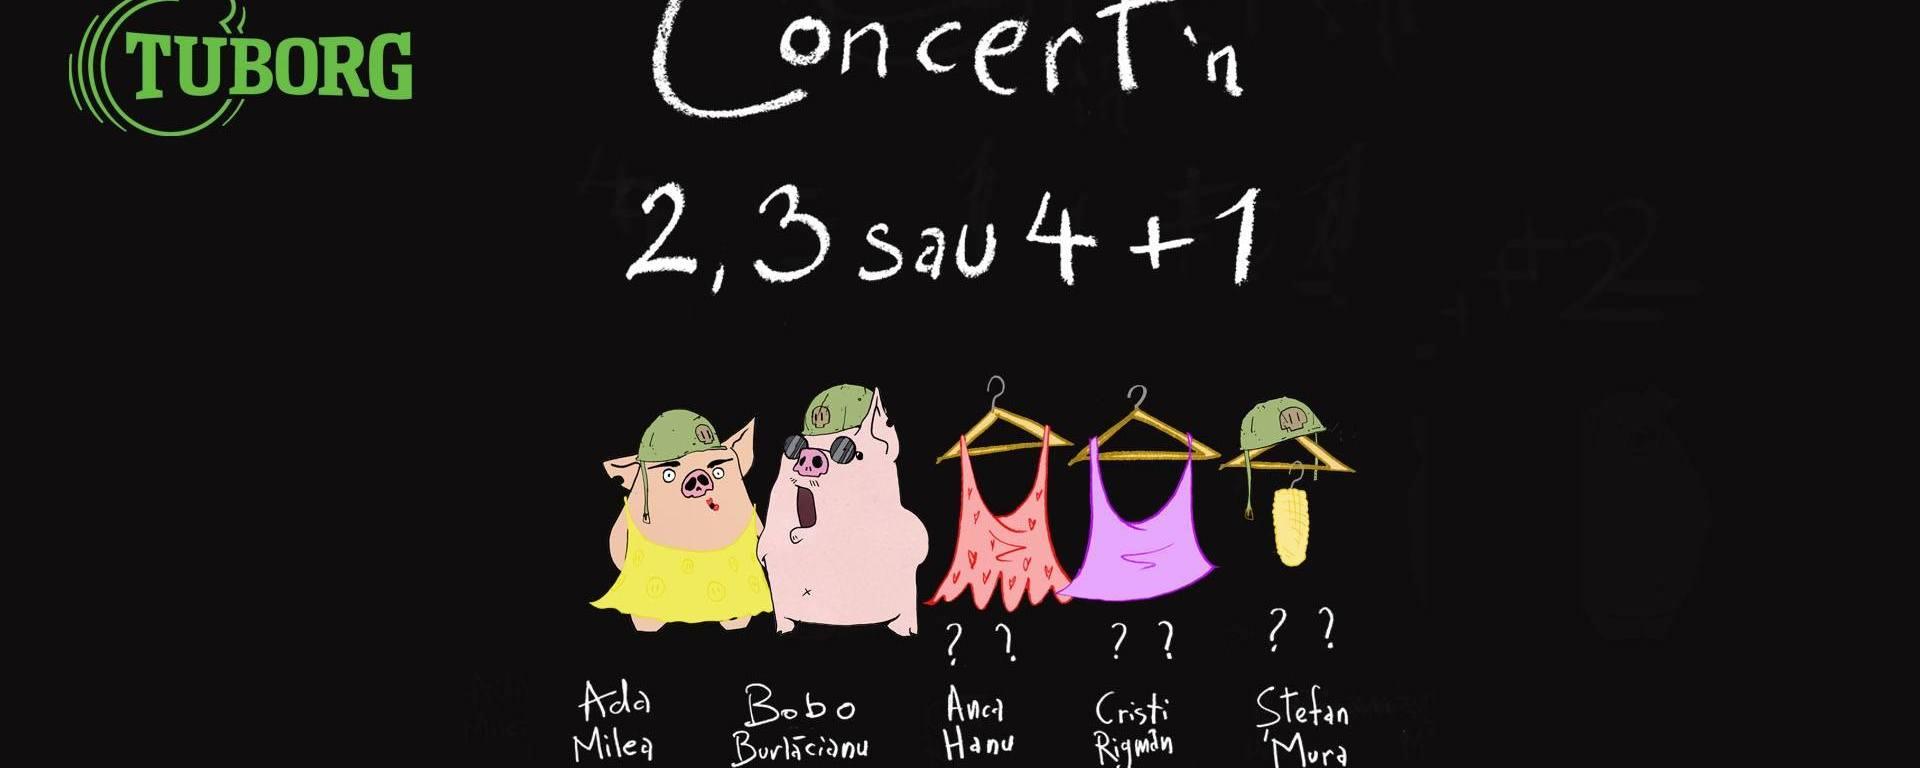 Ada Milea - Concert in 4 + 1 în Quantic - 19 iulie